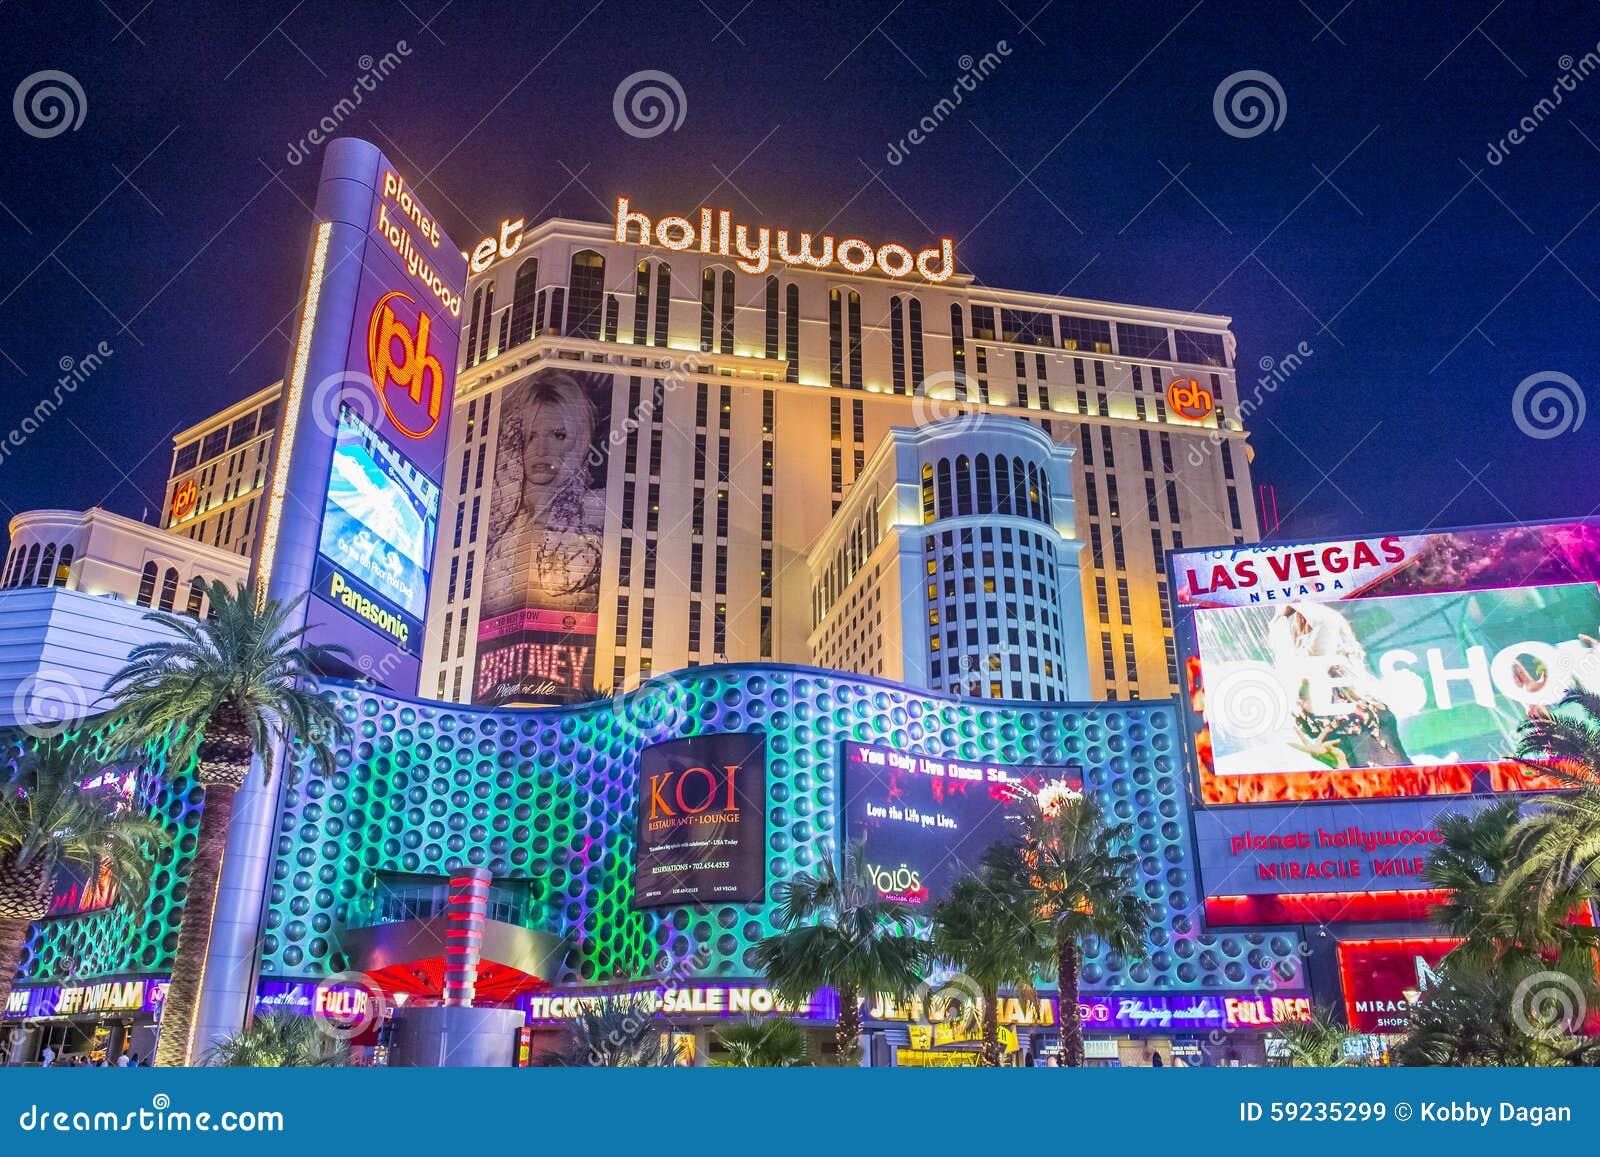 Download Las Vegas, Planeta Hollywood Imagen de archivo editorial - Imagen de exterior, colorido: 59235299